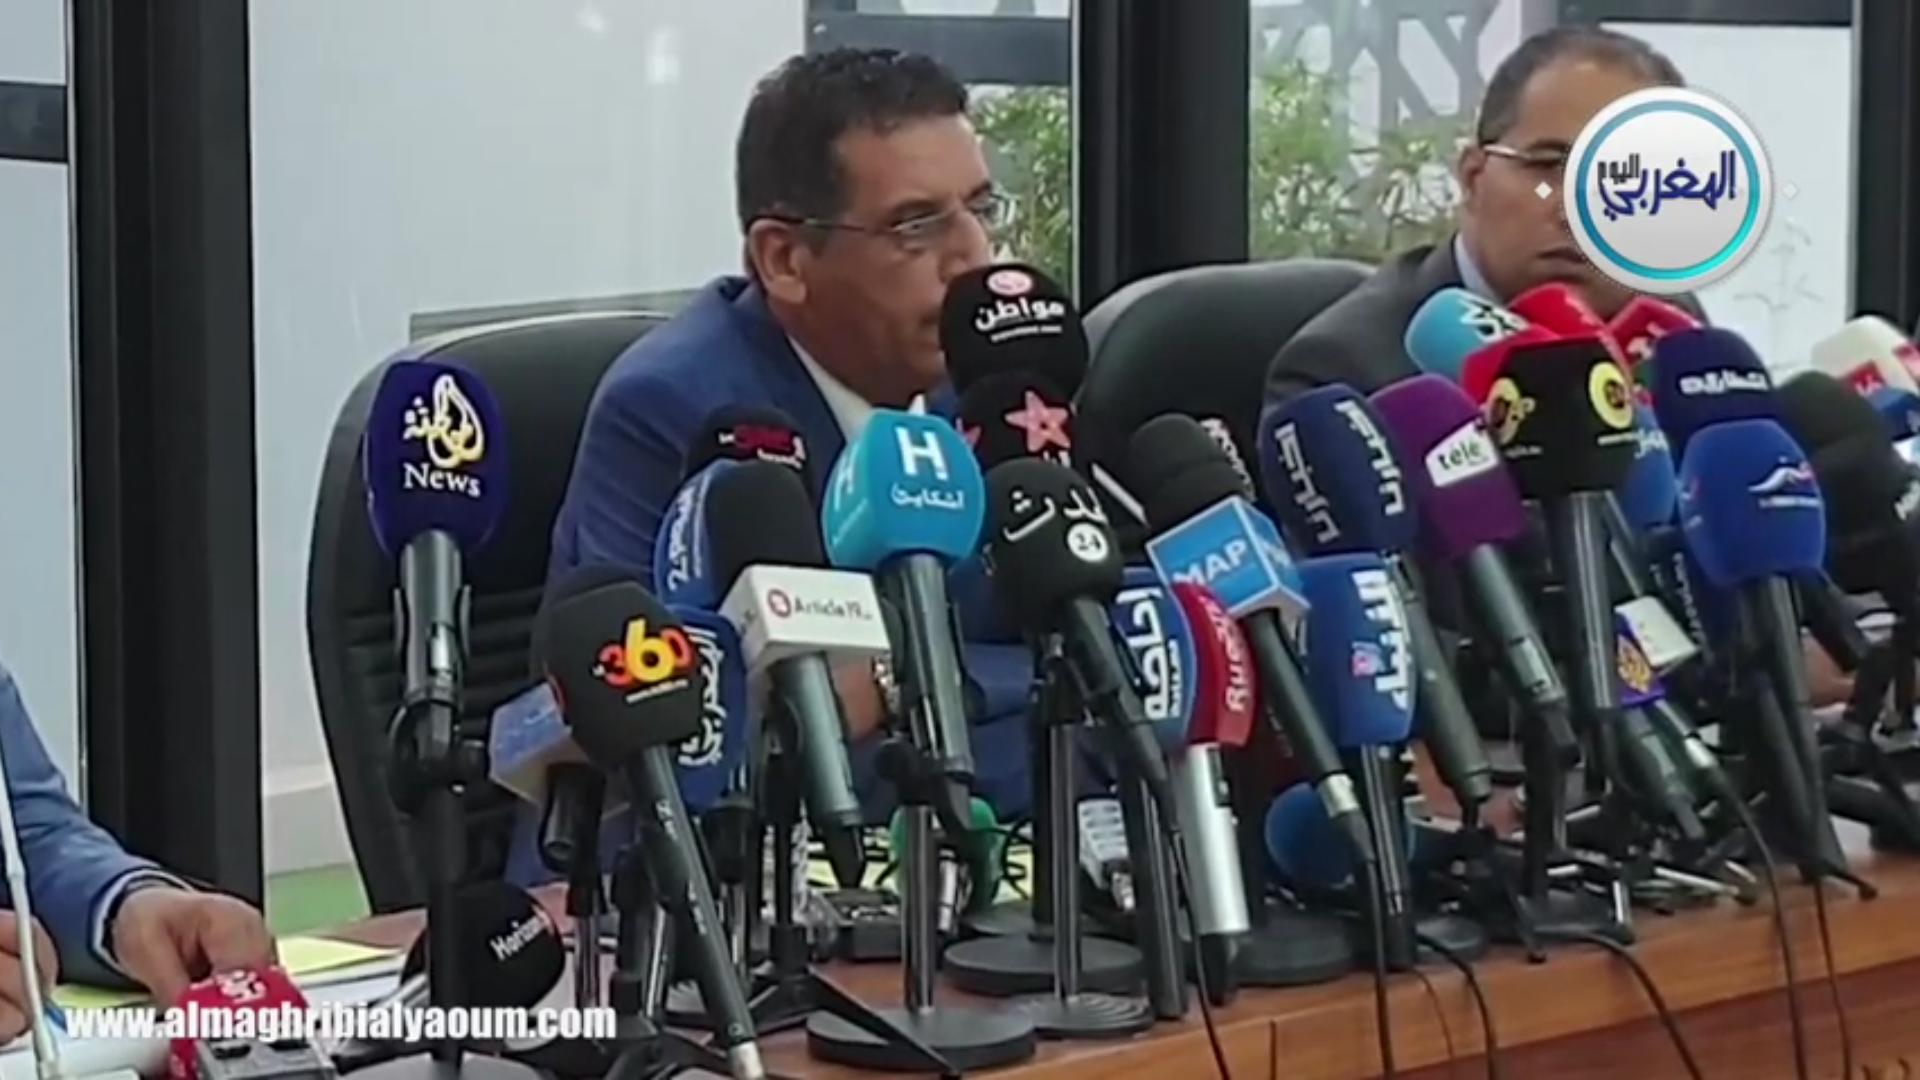 """بالفيديو… الخيام: """"أعضاء الخلية الإرهابية المفككة كانوا يخططون لتحويل المغرب لحمام دم وجعله ولاية تابعة ل""""داعش"""""""